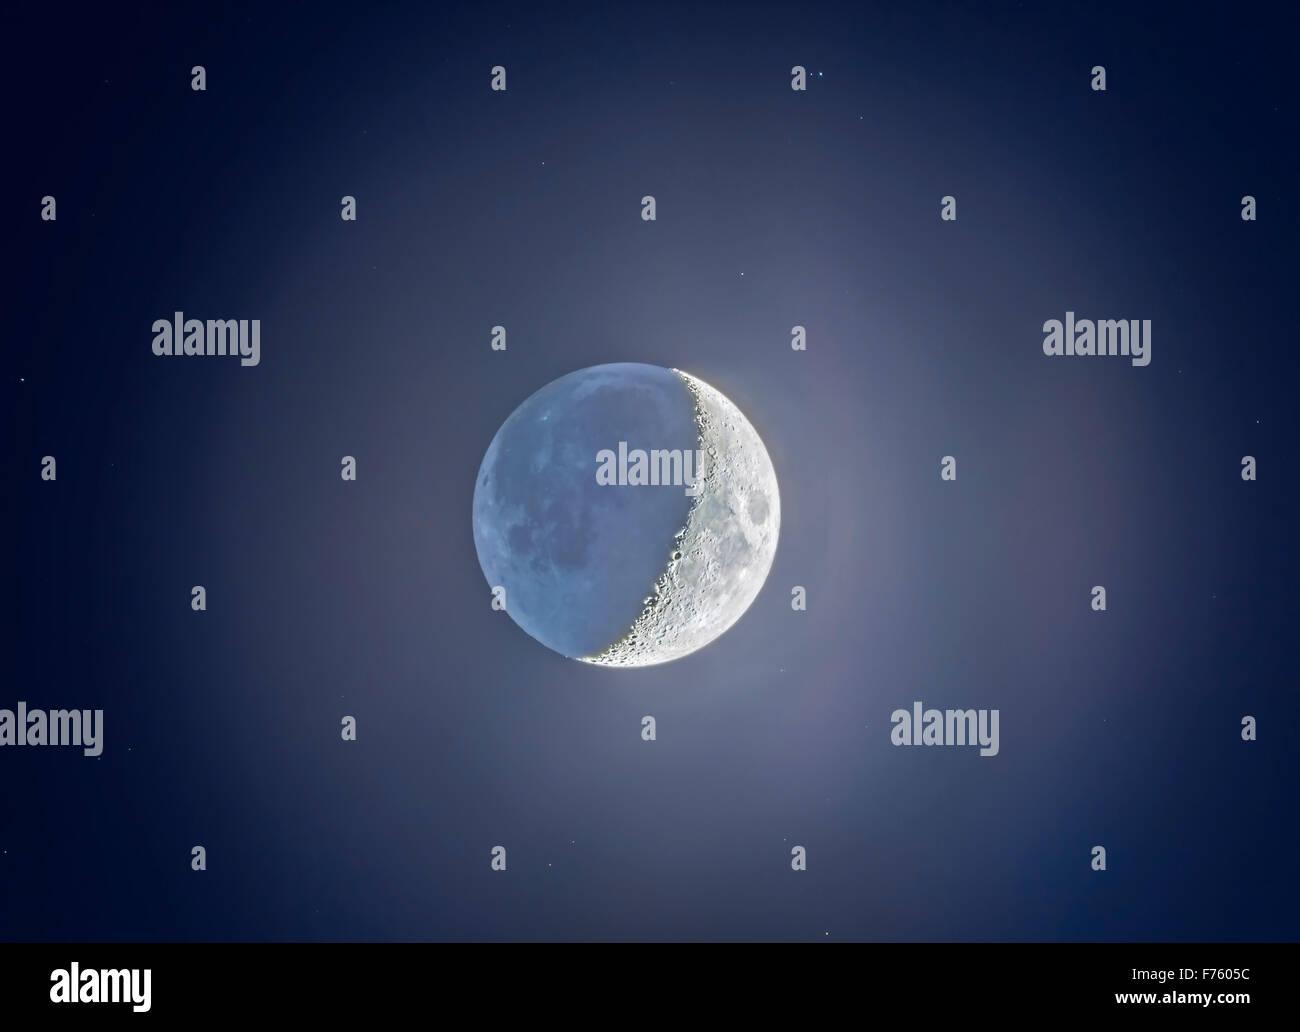 Die 5 Tage alte wachsen Halbmond Mond mit Erdschein auf der dunklen Seite. Ein hoher Dynamikbereich Verbund von Stockbild